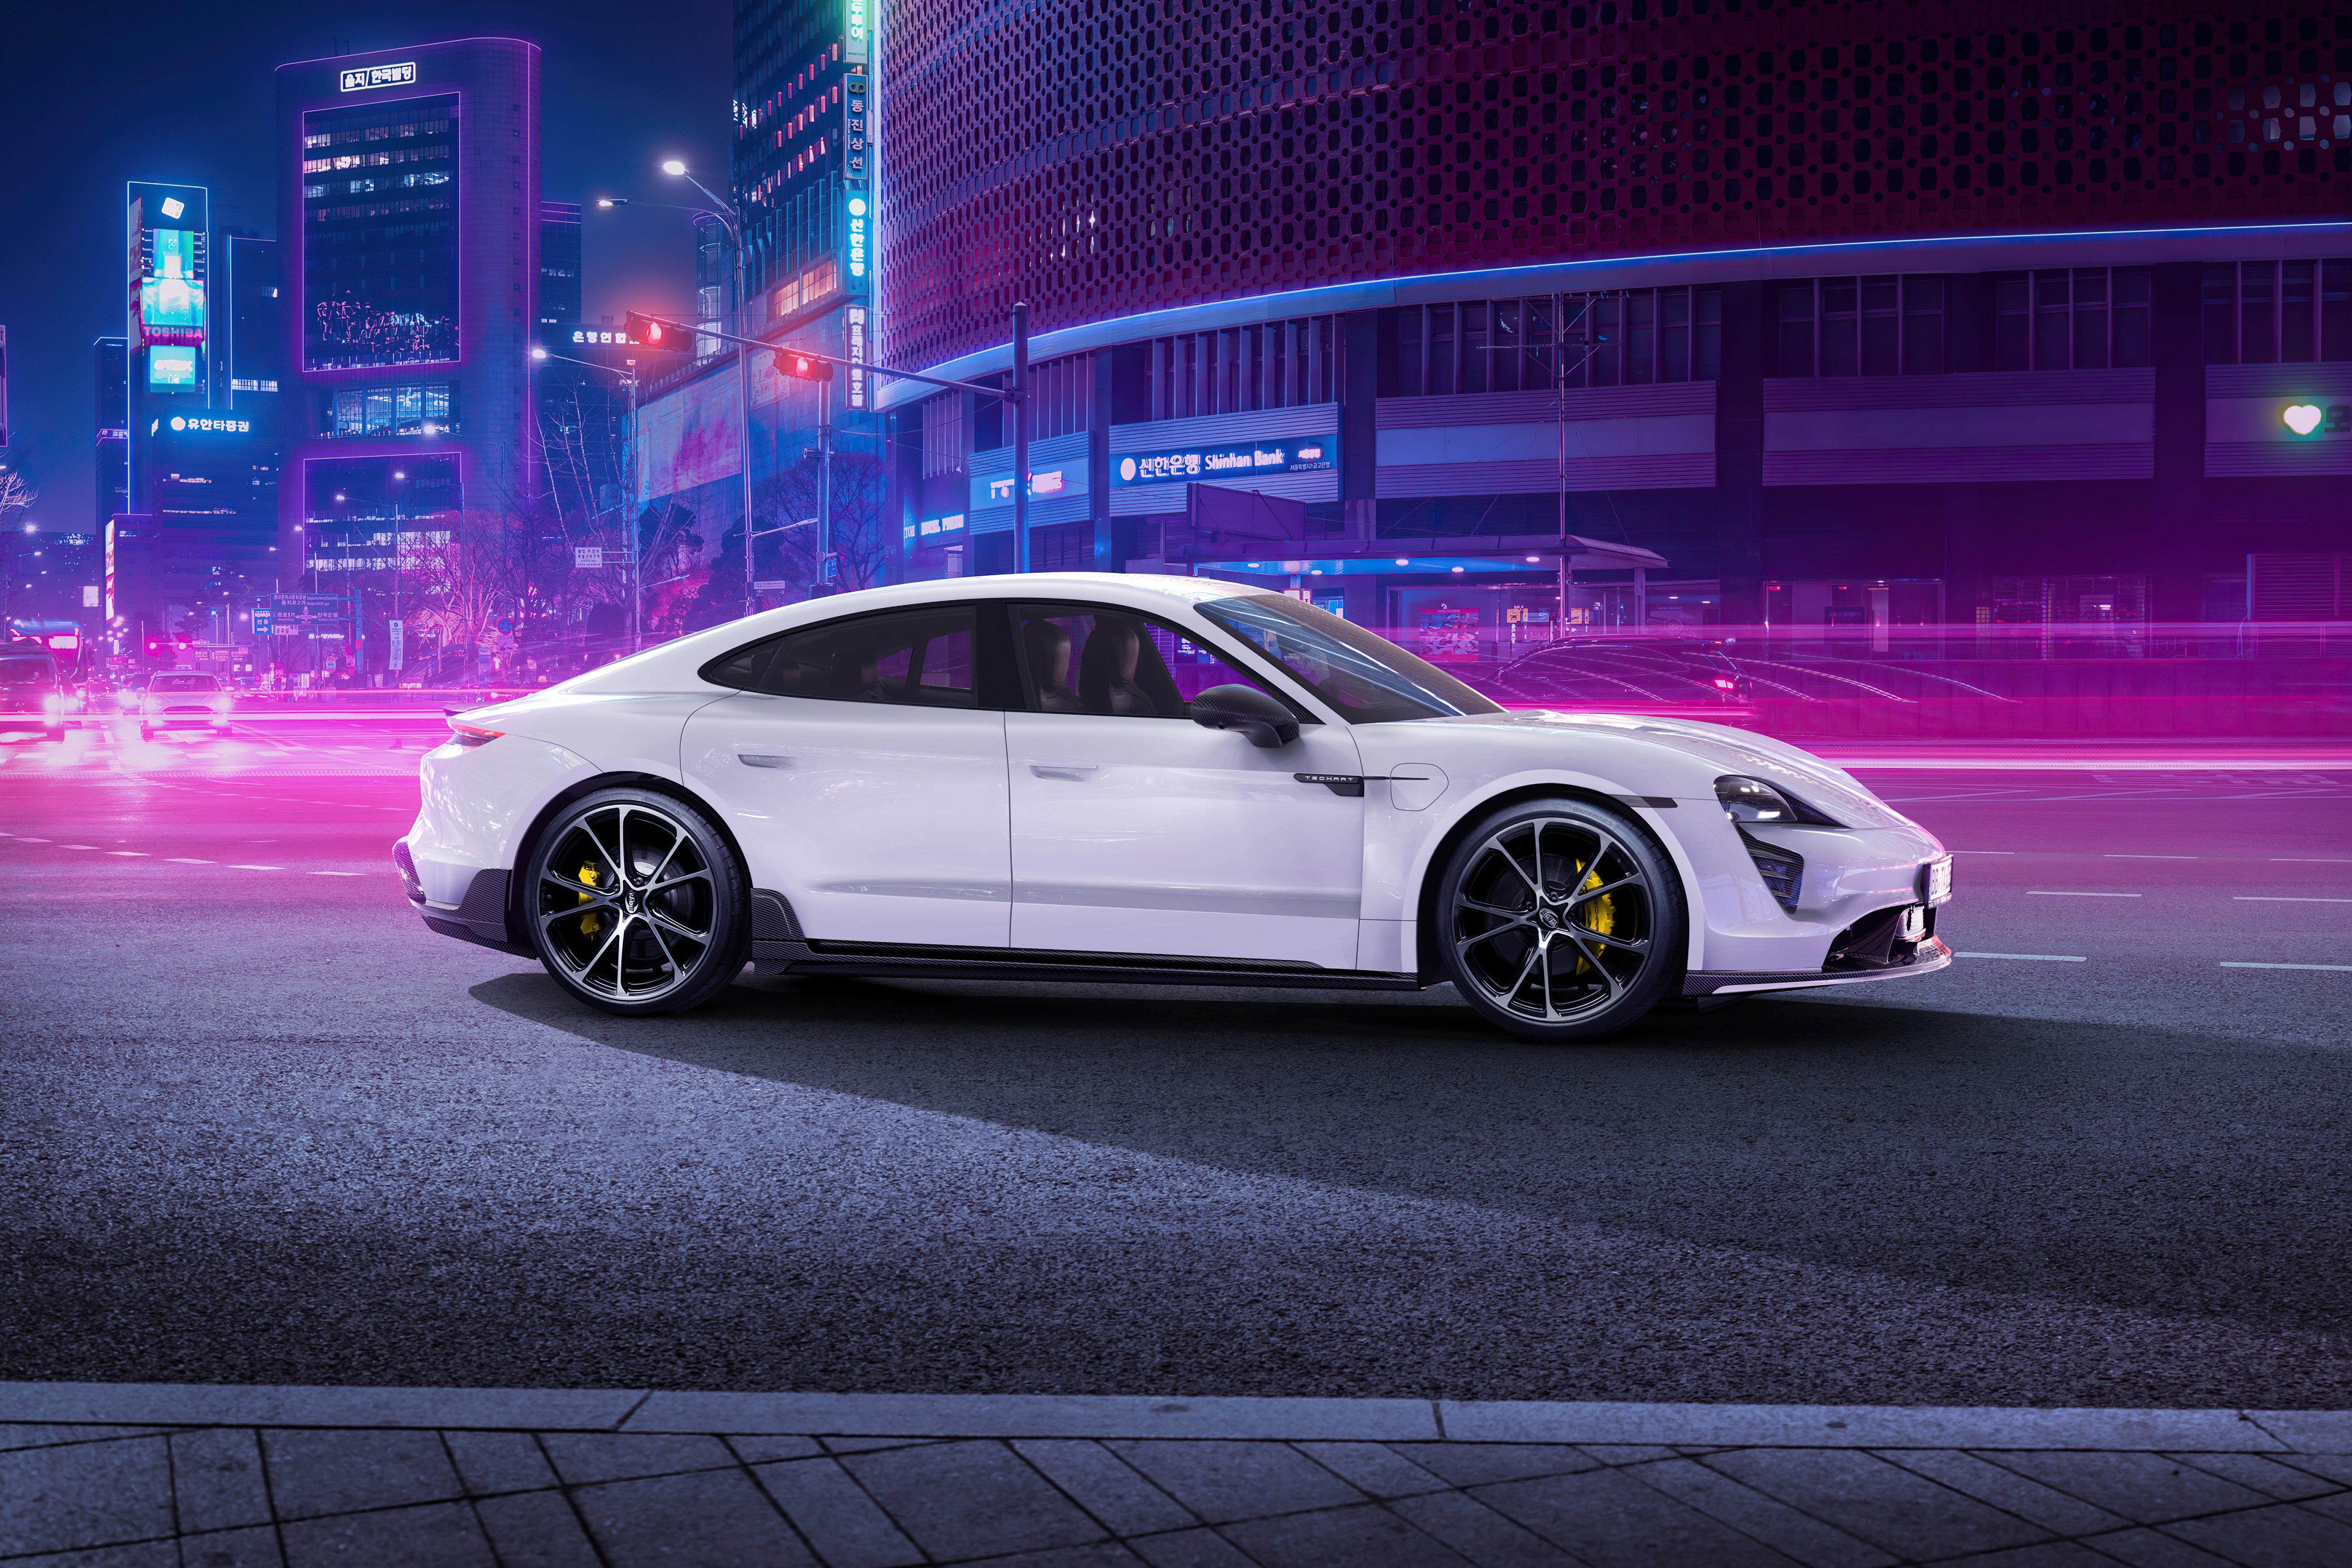 Fondos de pantalla Techart Porsche Taycan Aerokit 2021